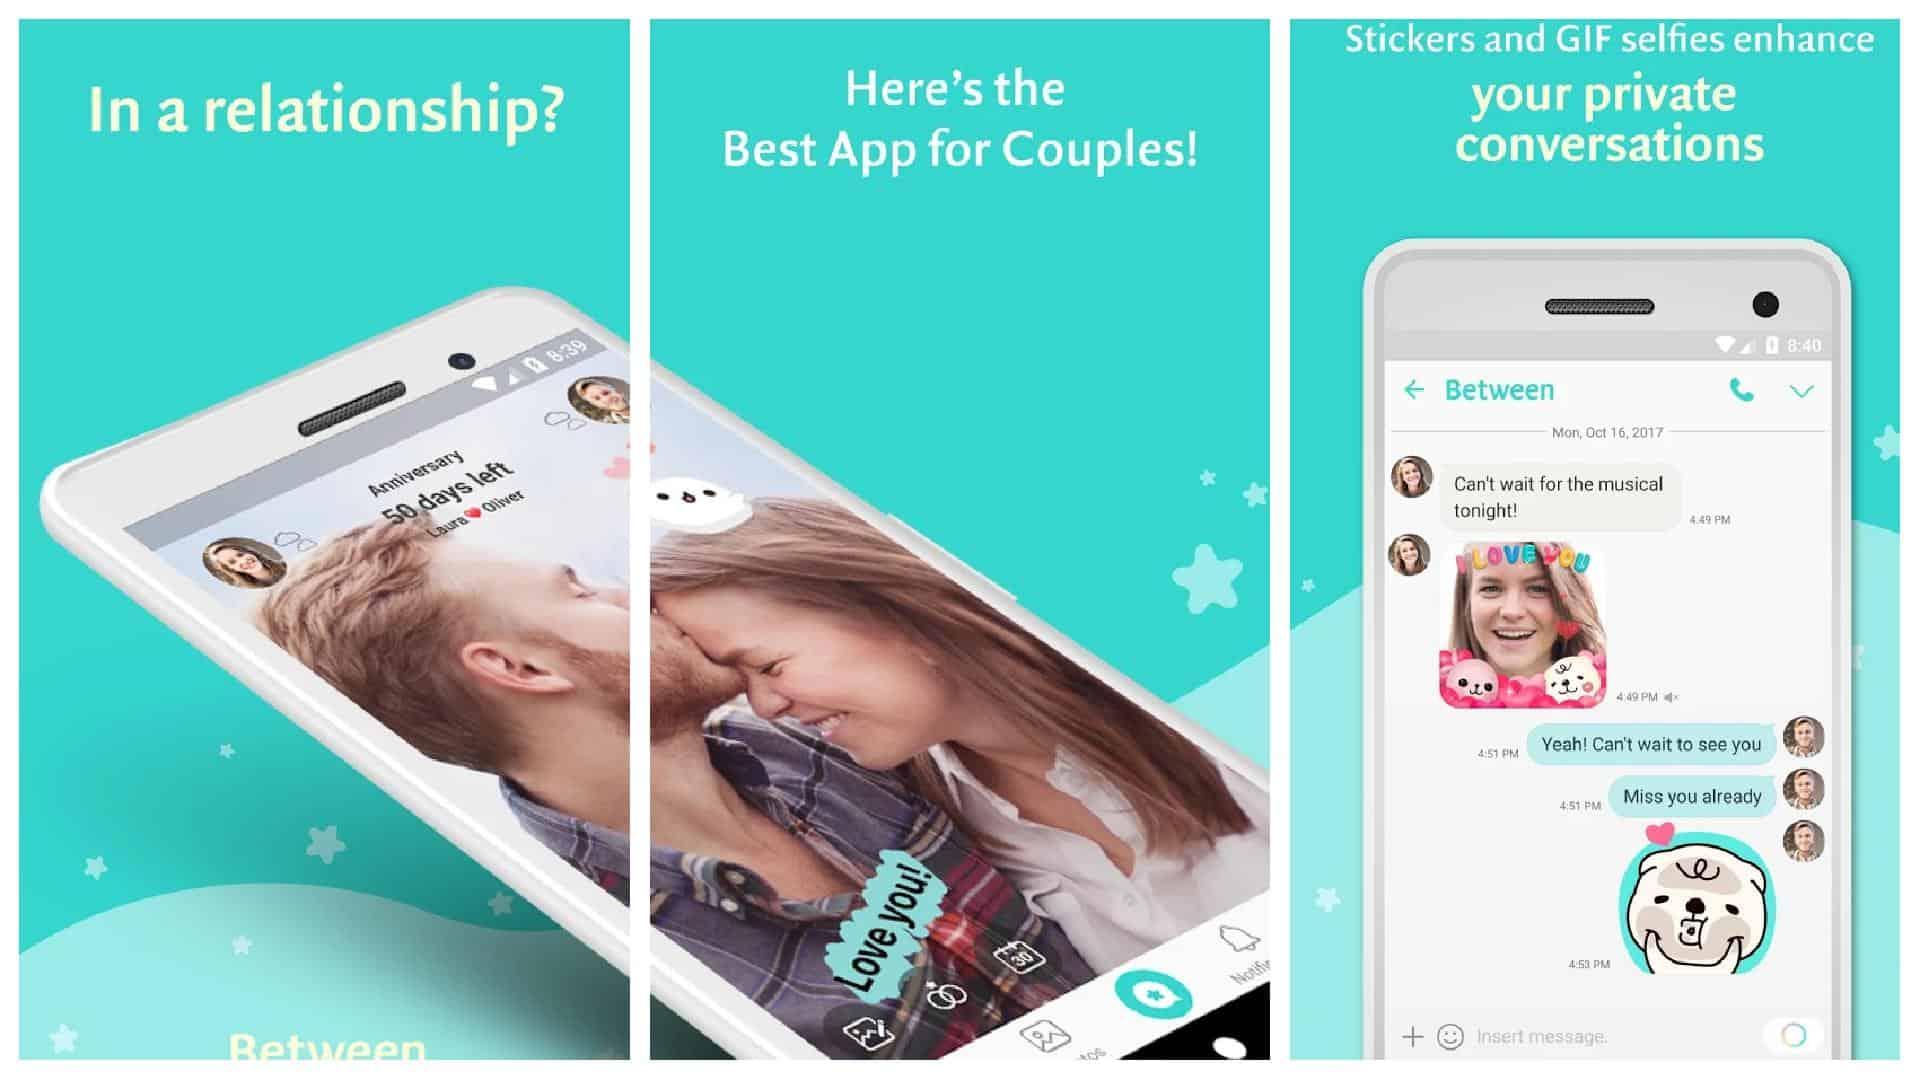 Between app image grid